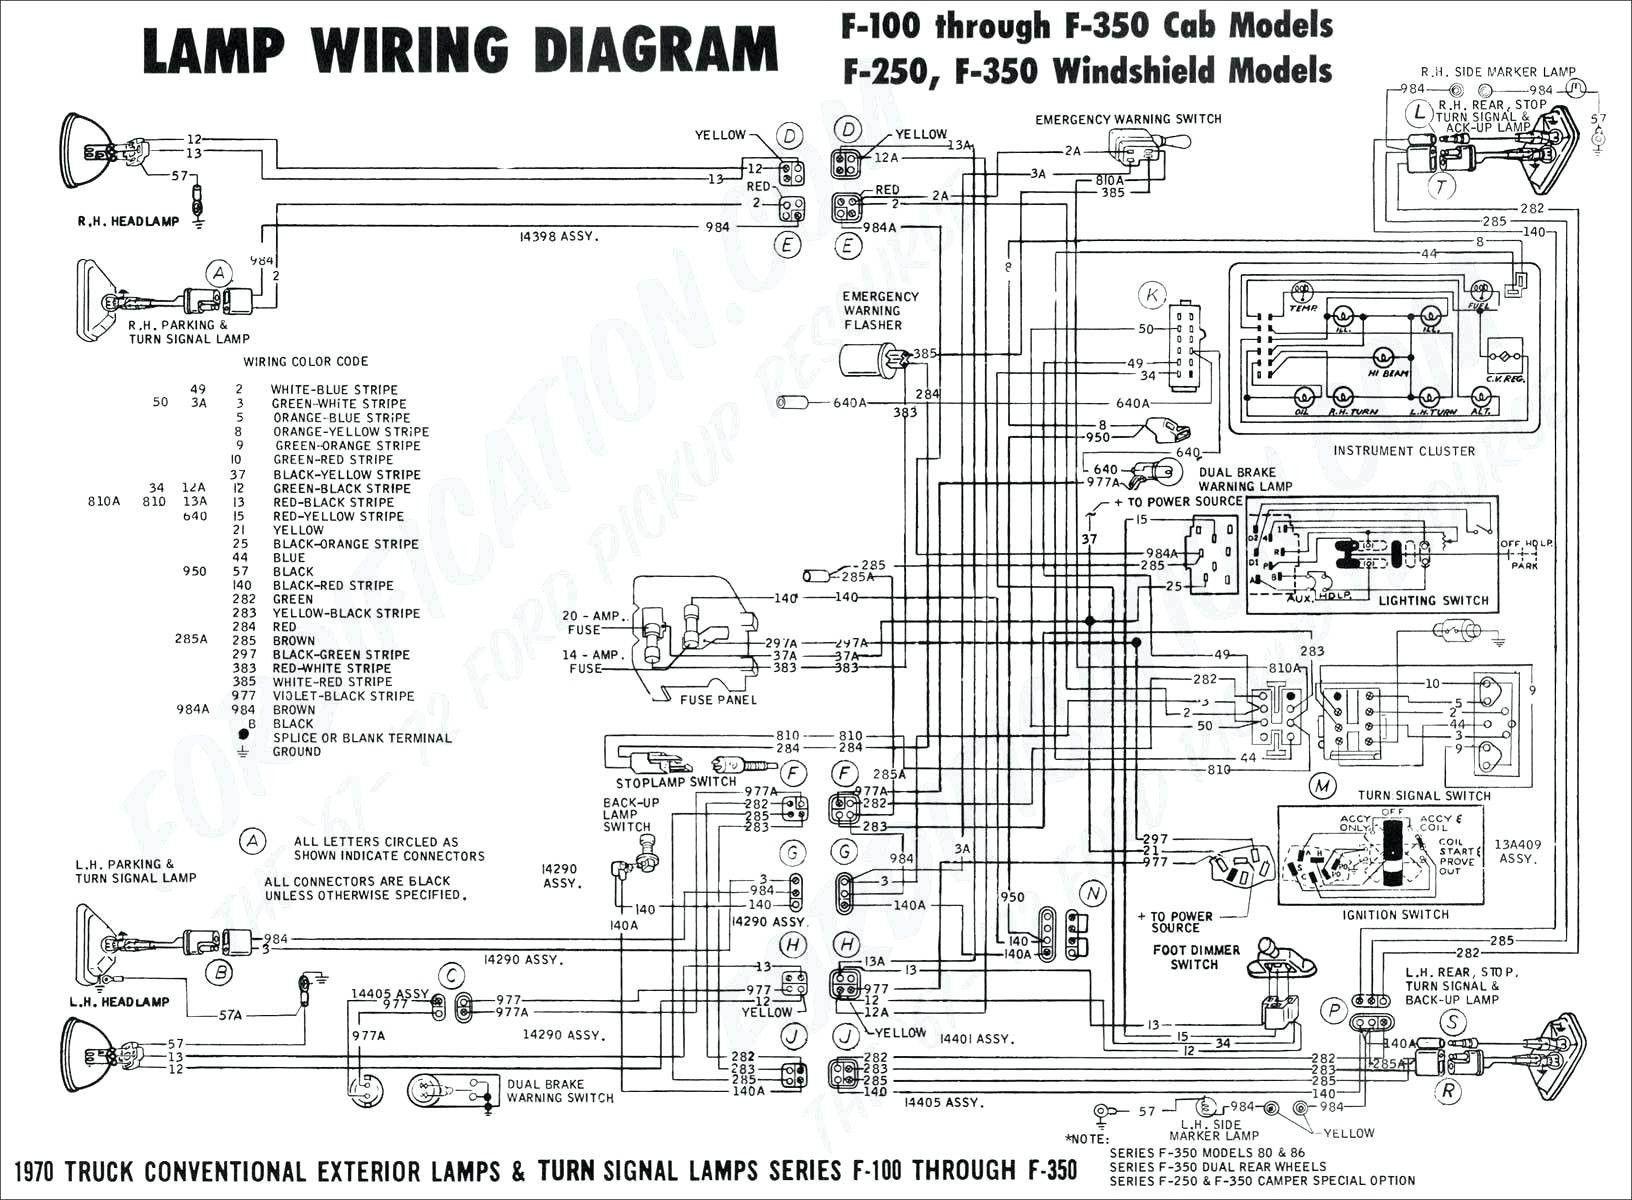 06 F250 Mirror Switch Wiring In 2020 Trailer Wiring Diagram Electrical Wiring Diagram Circuit Diagram